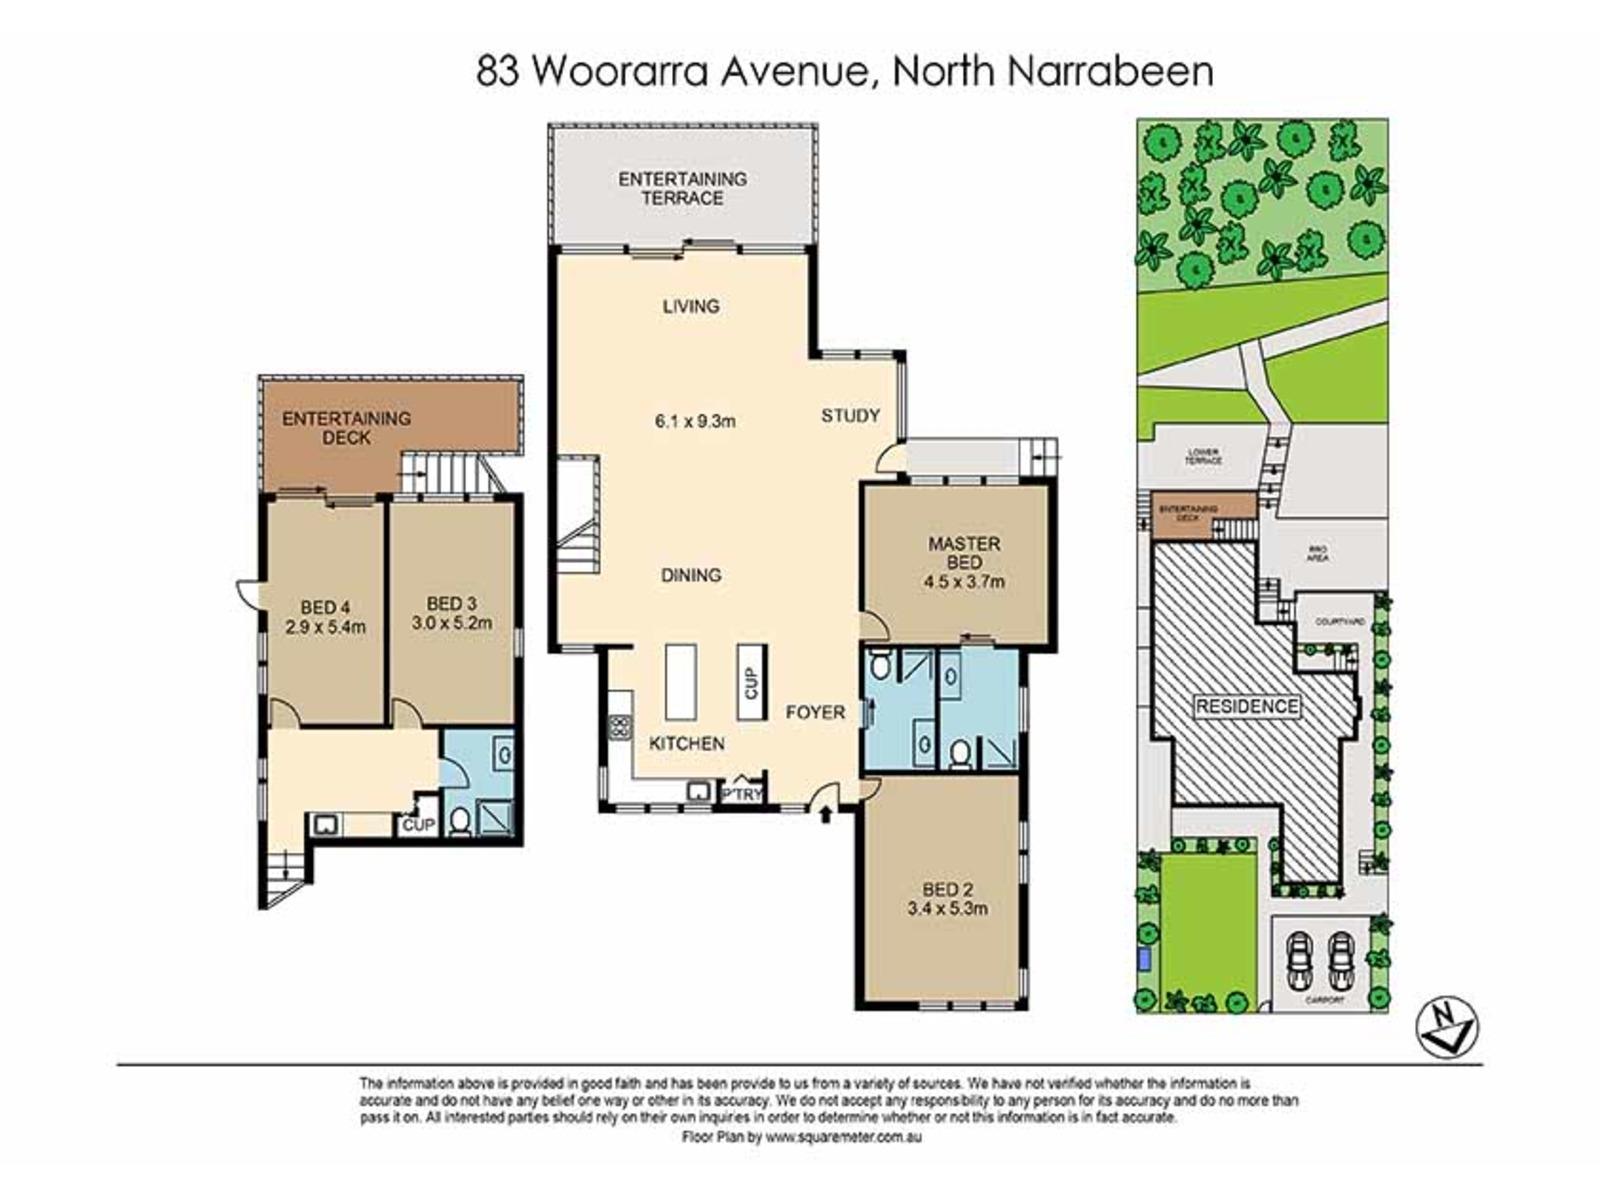 83 Woorarra Avenue, North Narrabeen